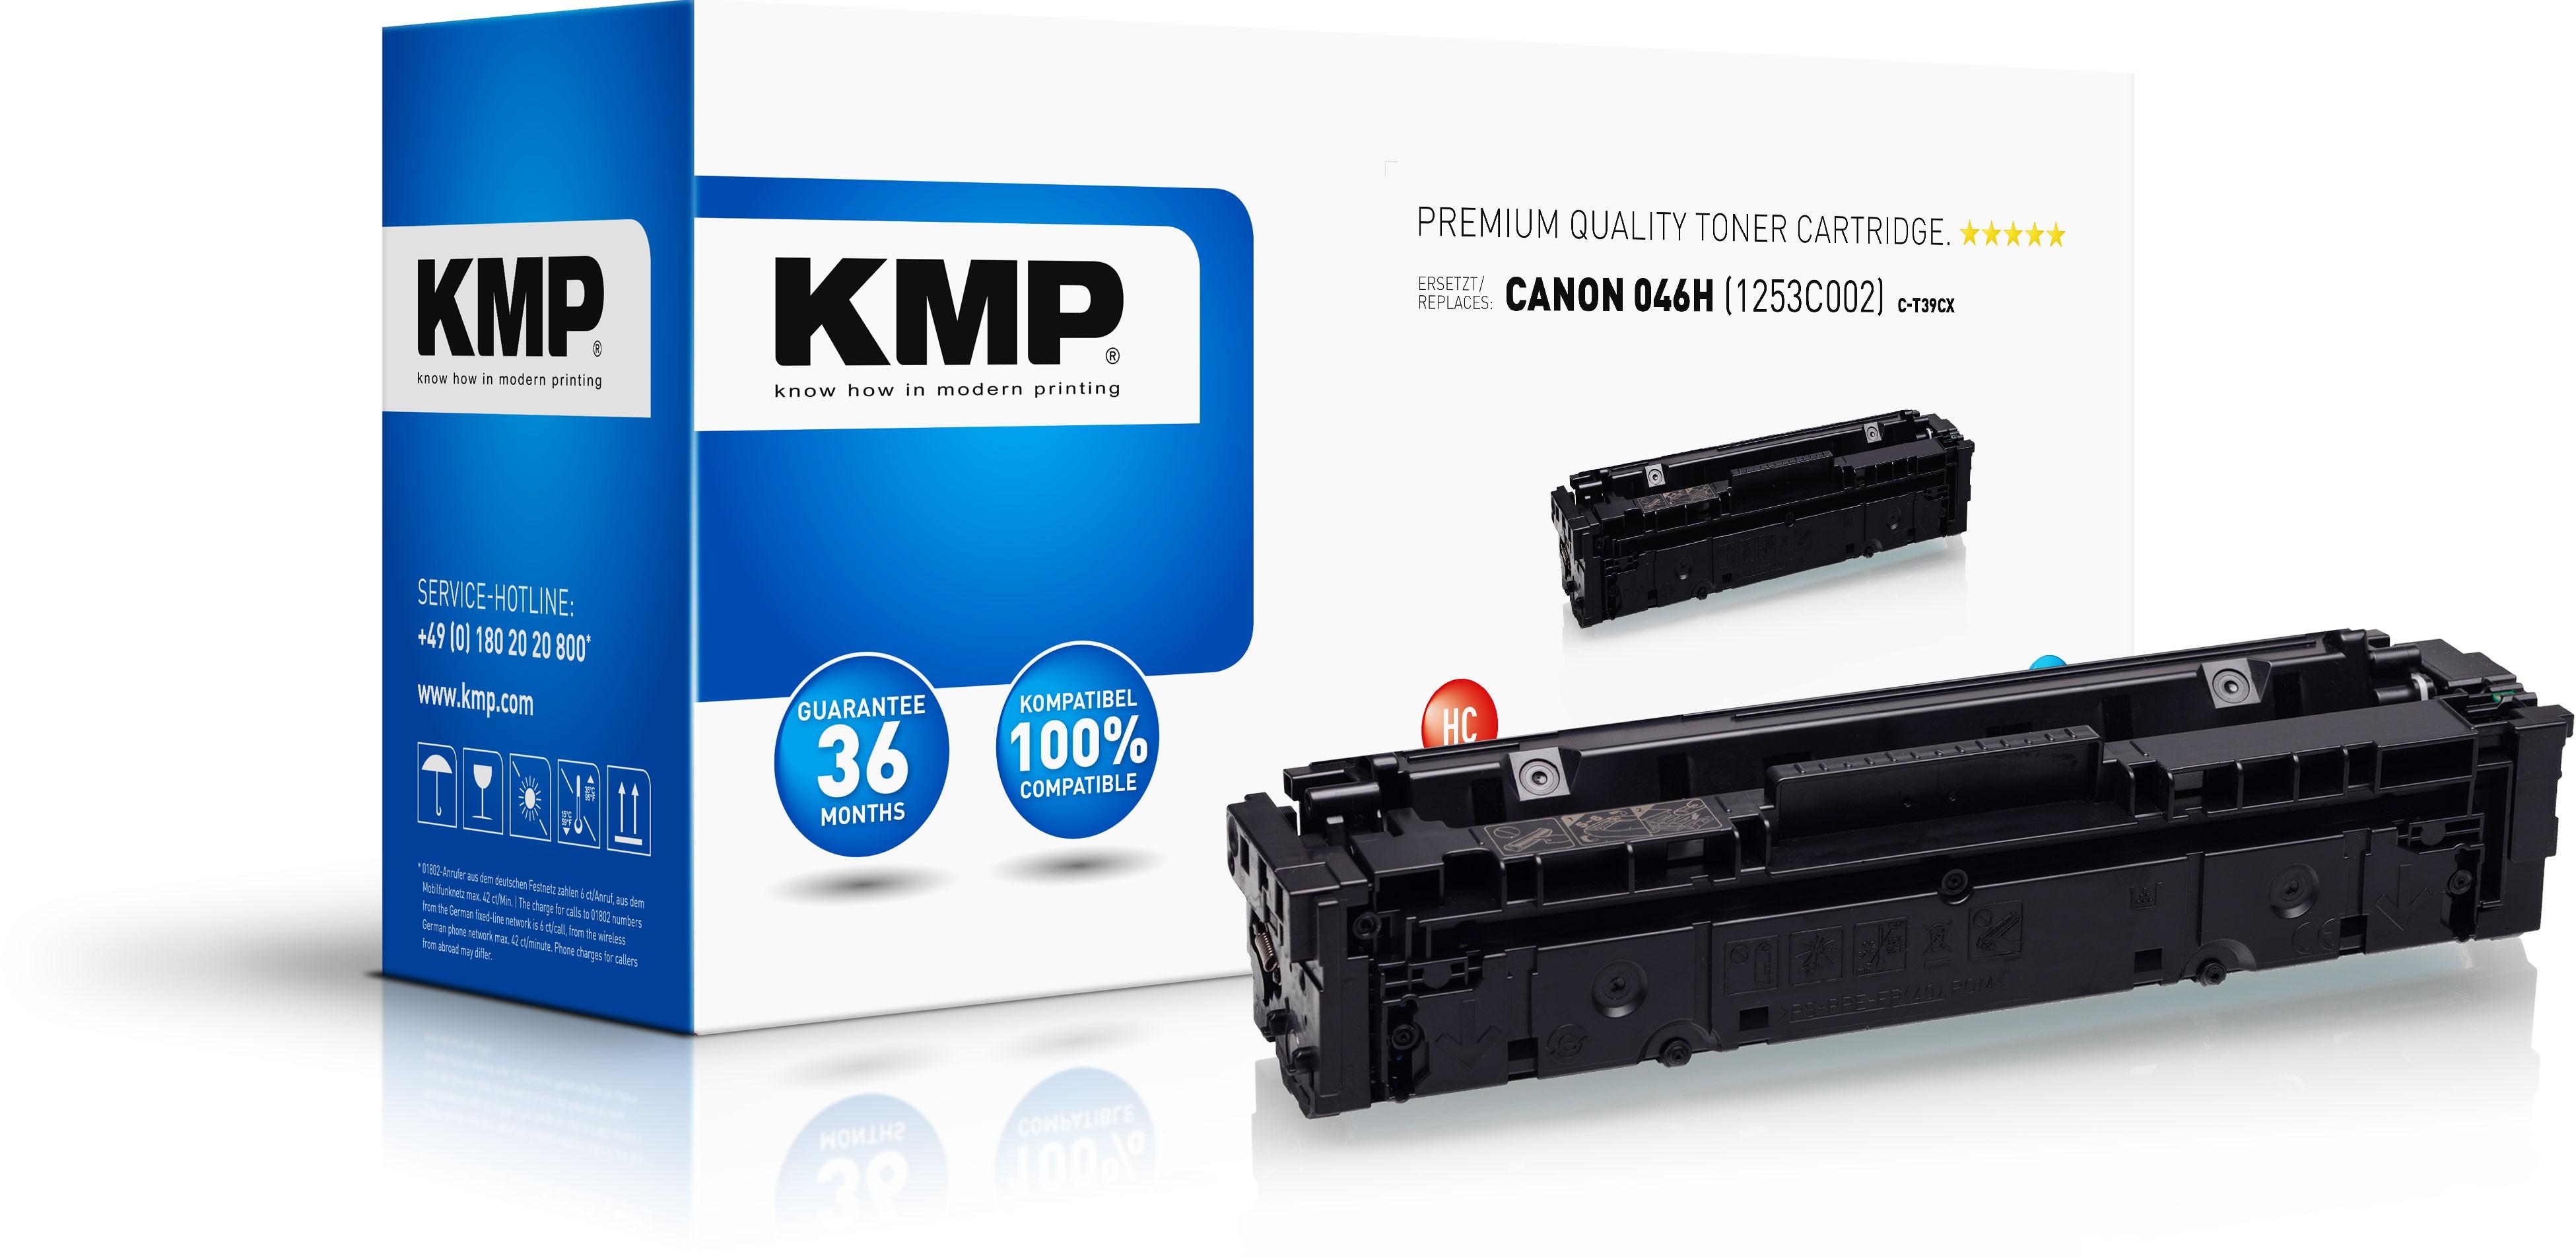 KMP 3605,3003